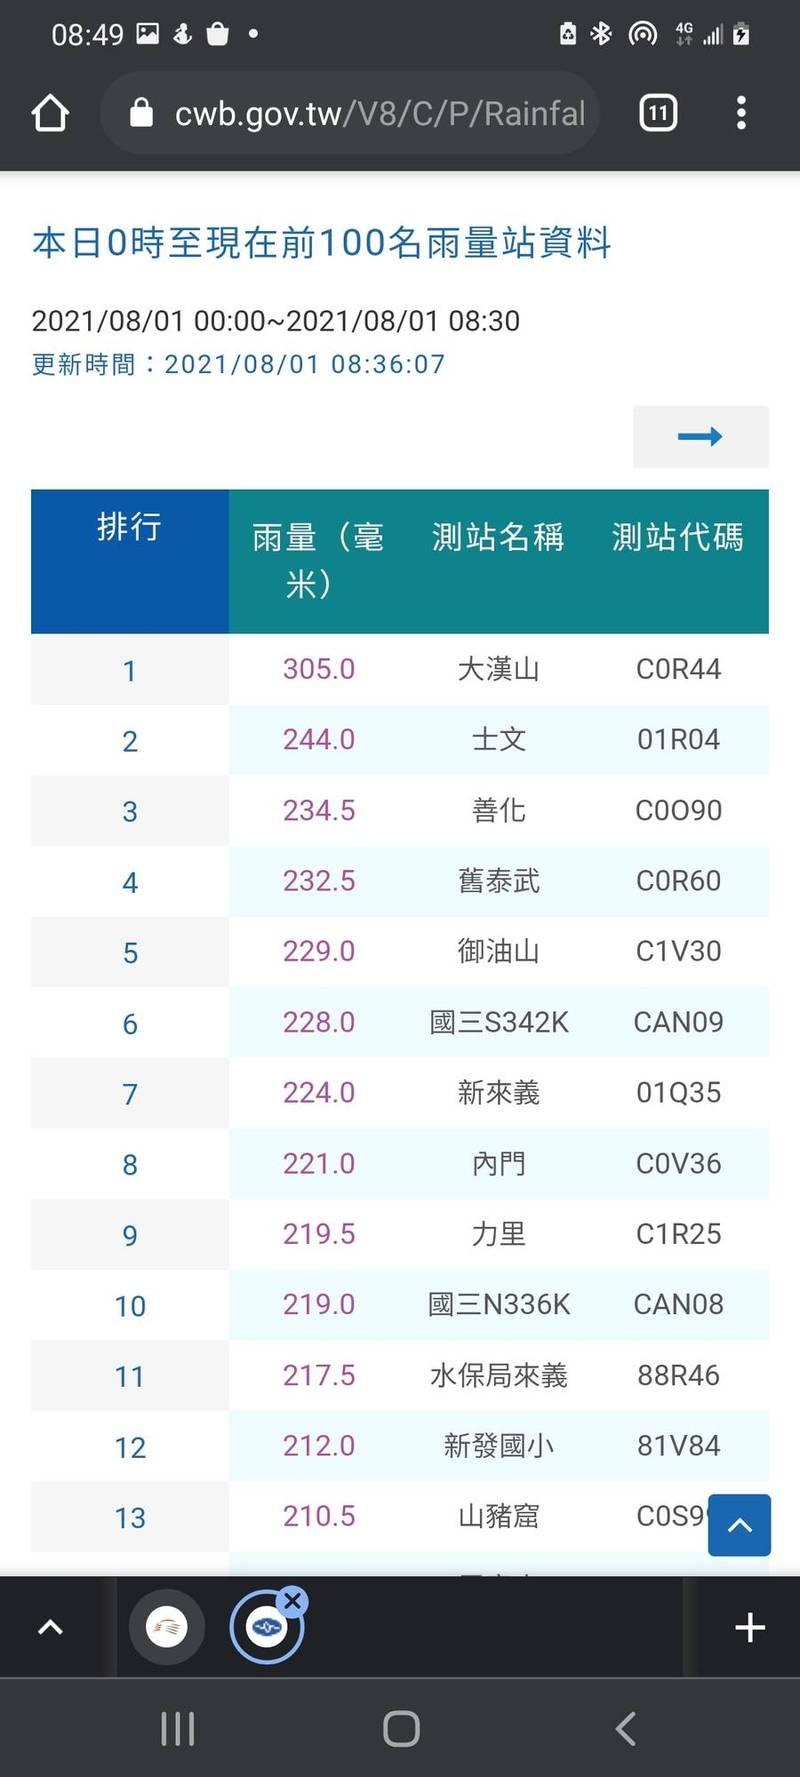 台南善化從今天凌晨0時起至上午8時20分,累積降雨量達234亳米,名列全國第3。(圖截取自交通部中央氣象局網頁)